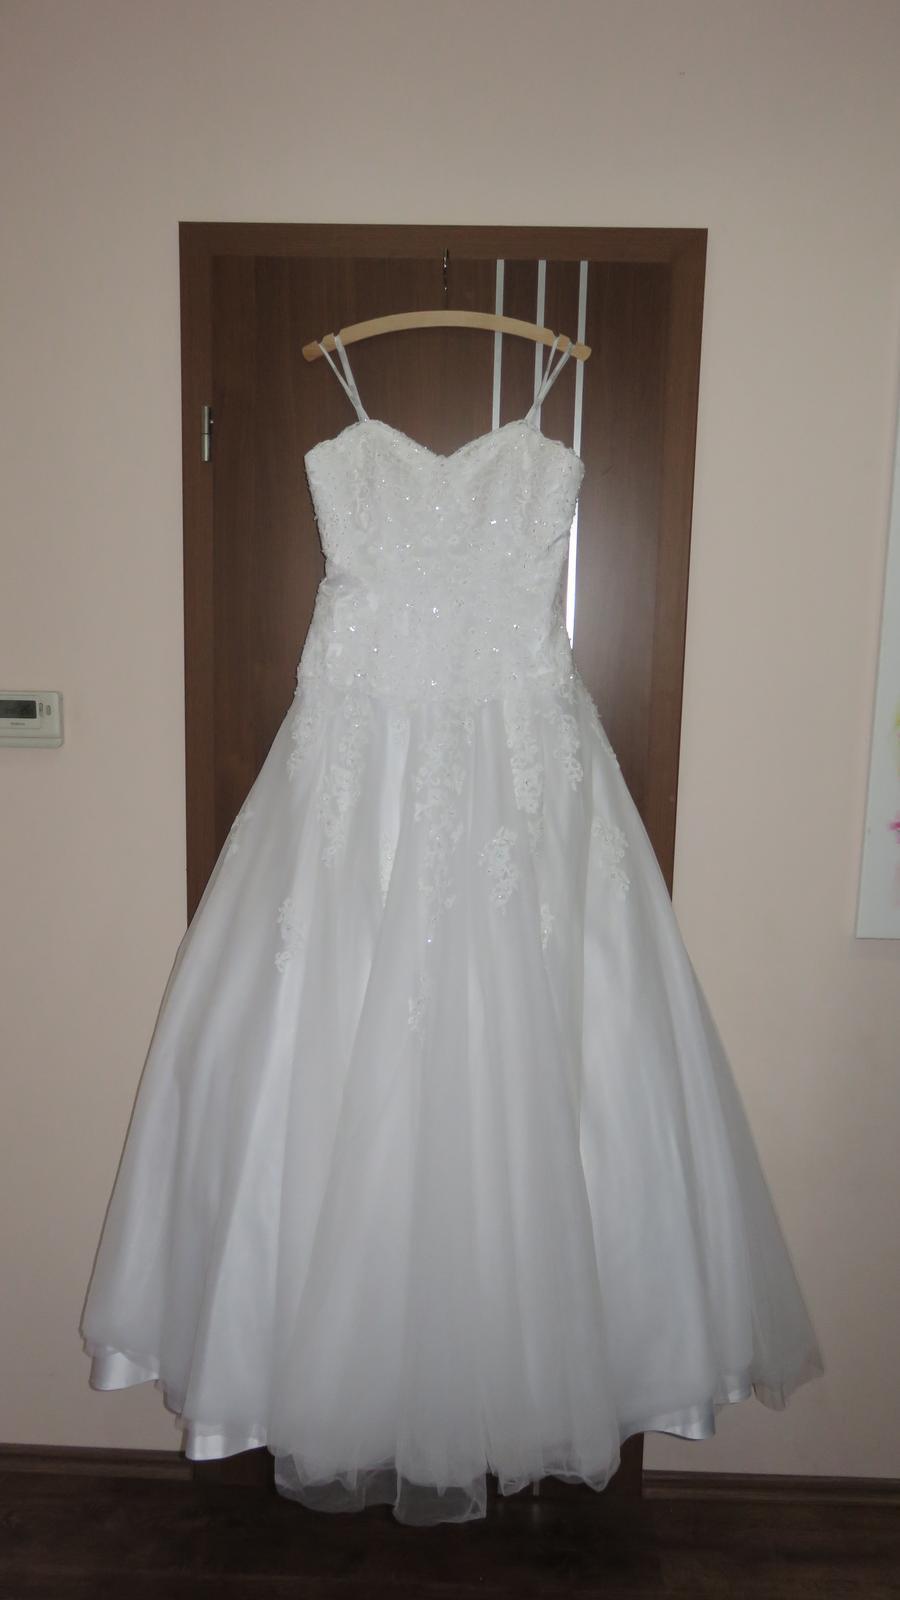 Svadobné šaty Colette šnúrovacie 44/46 - Obrázok č. 1